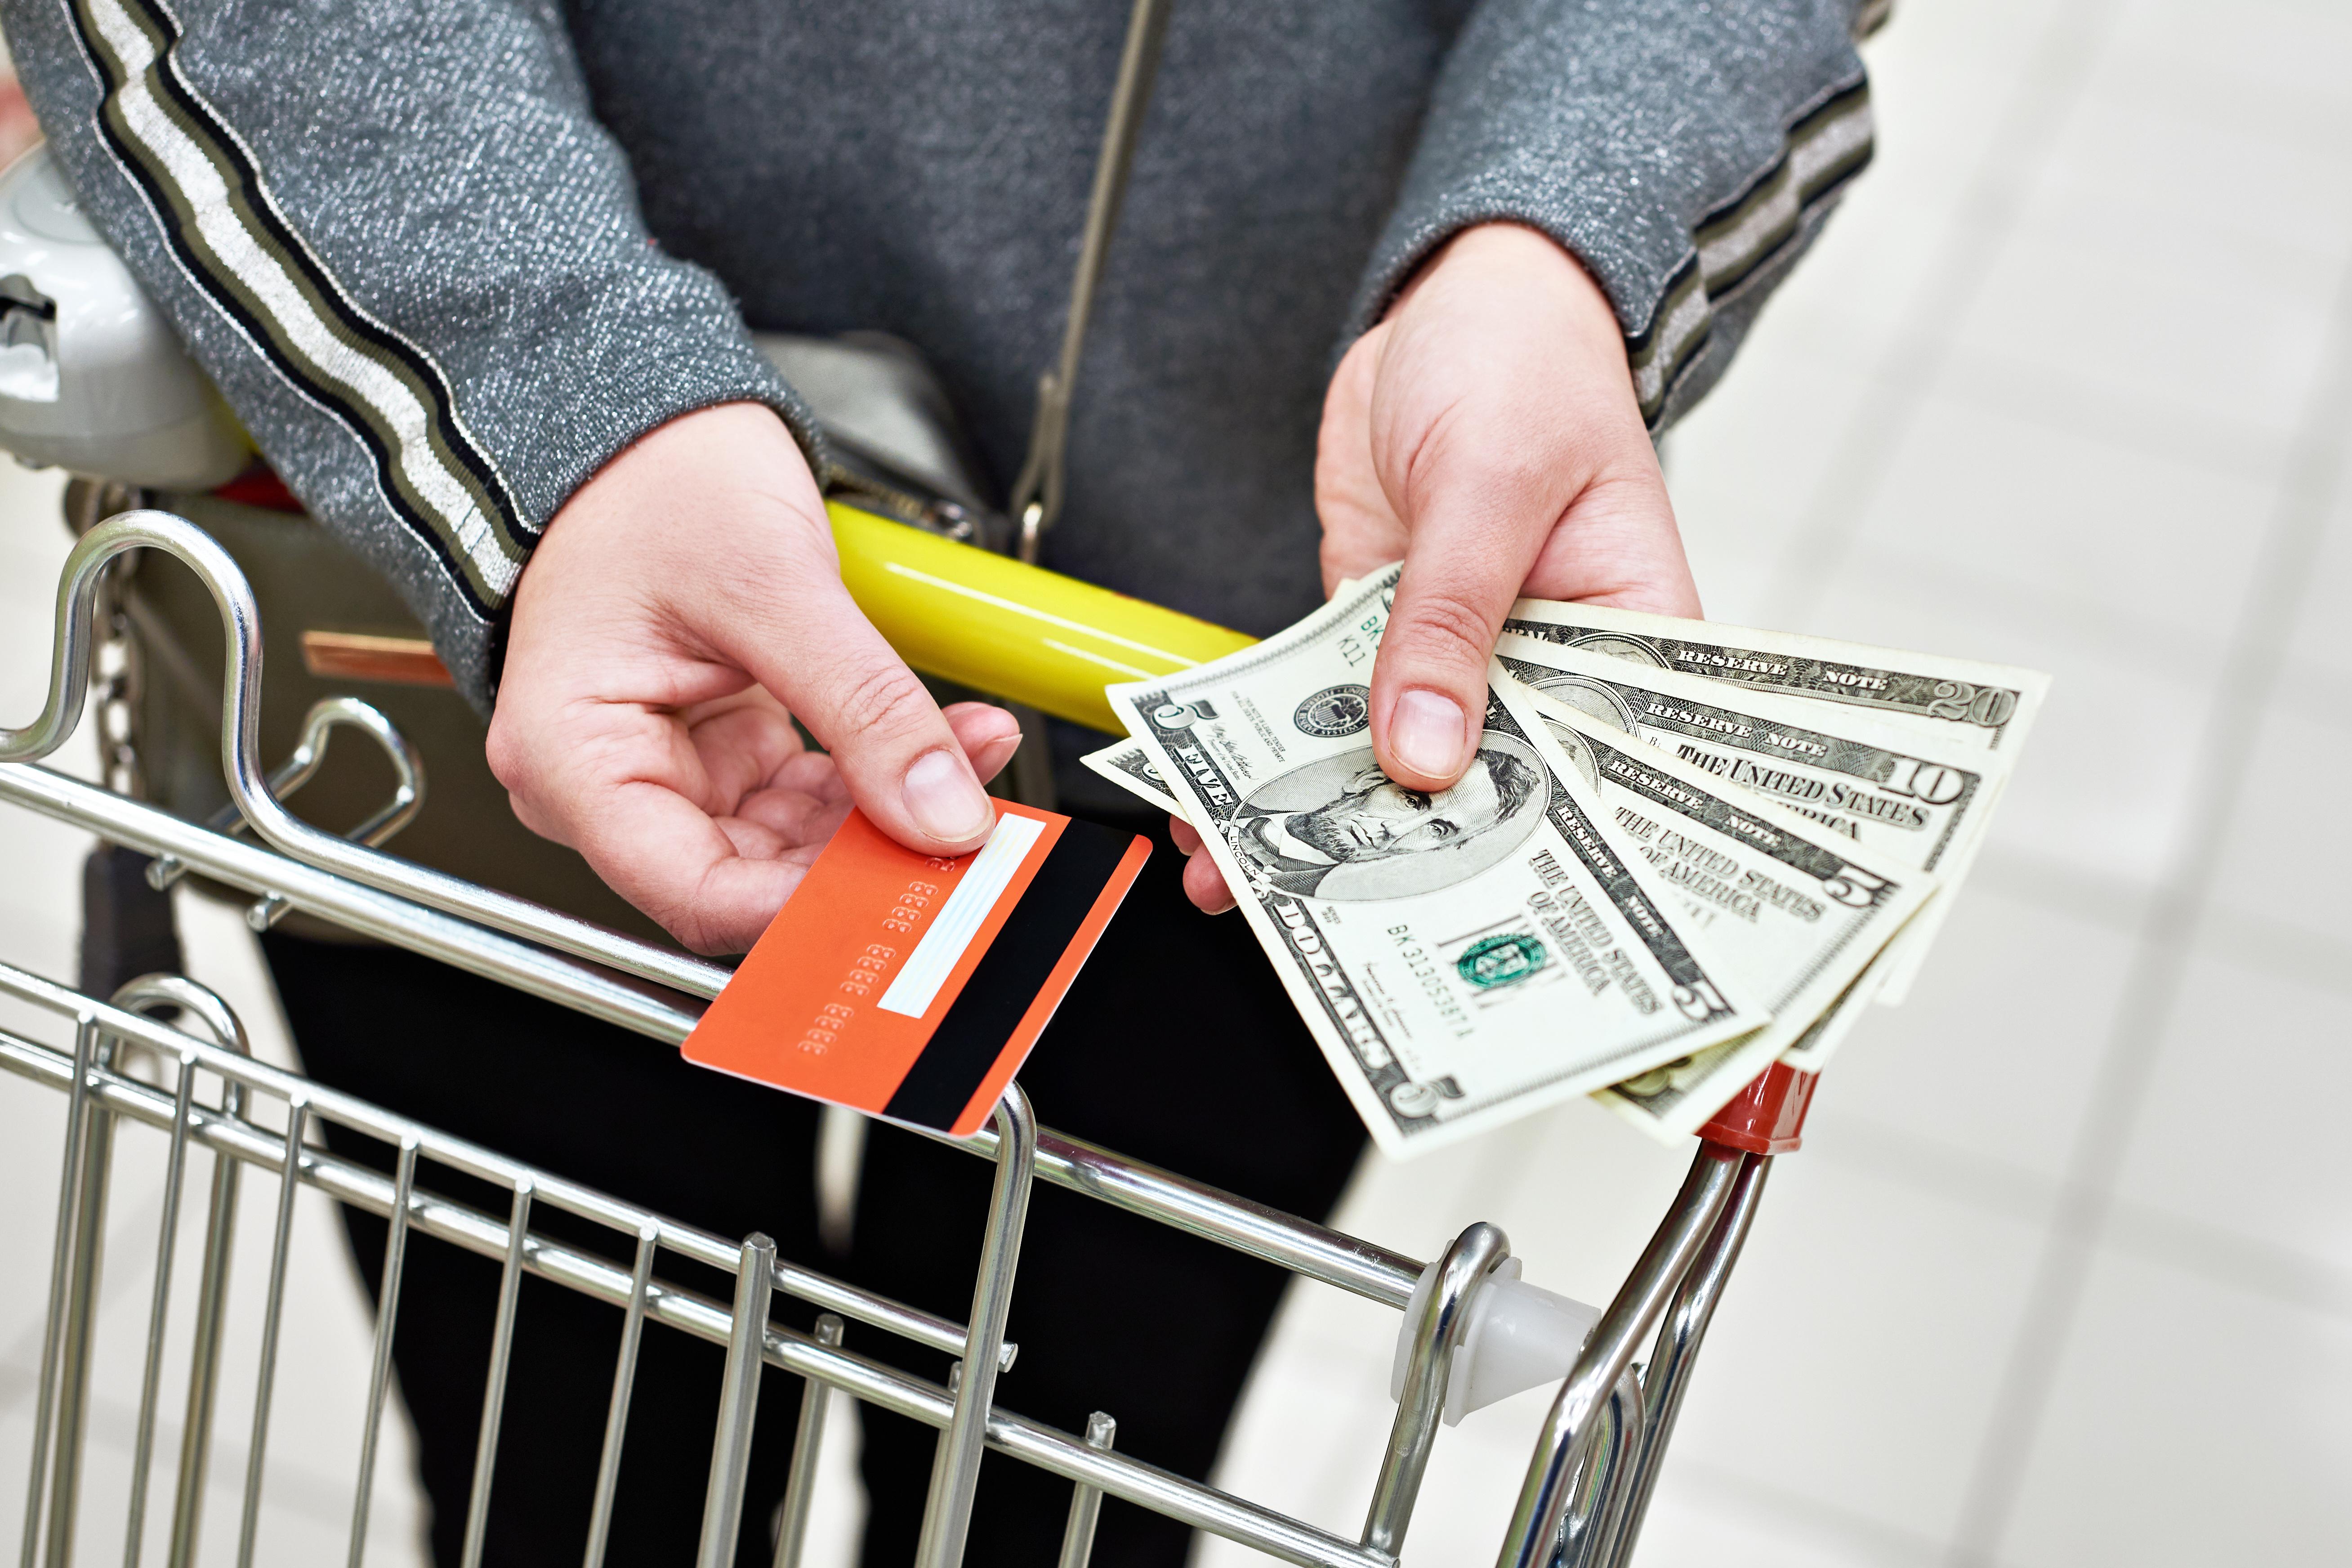 Surcharge vs Cash Discount